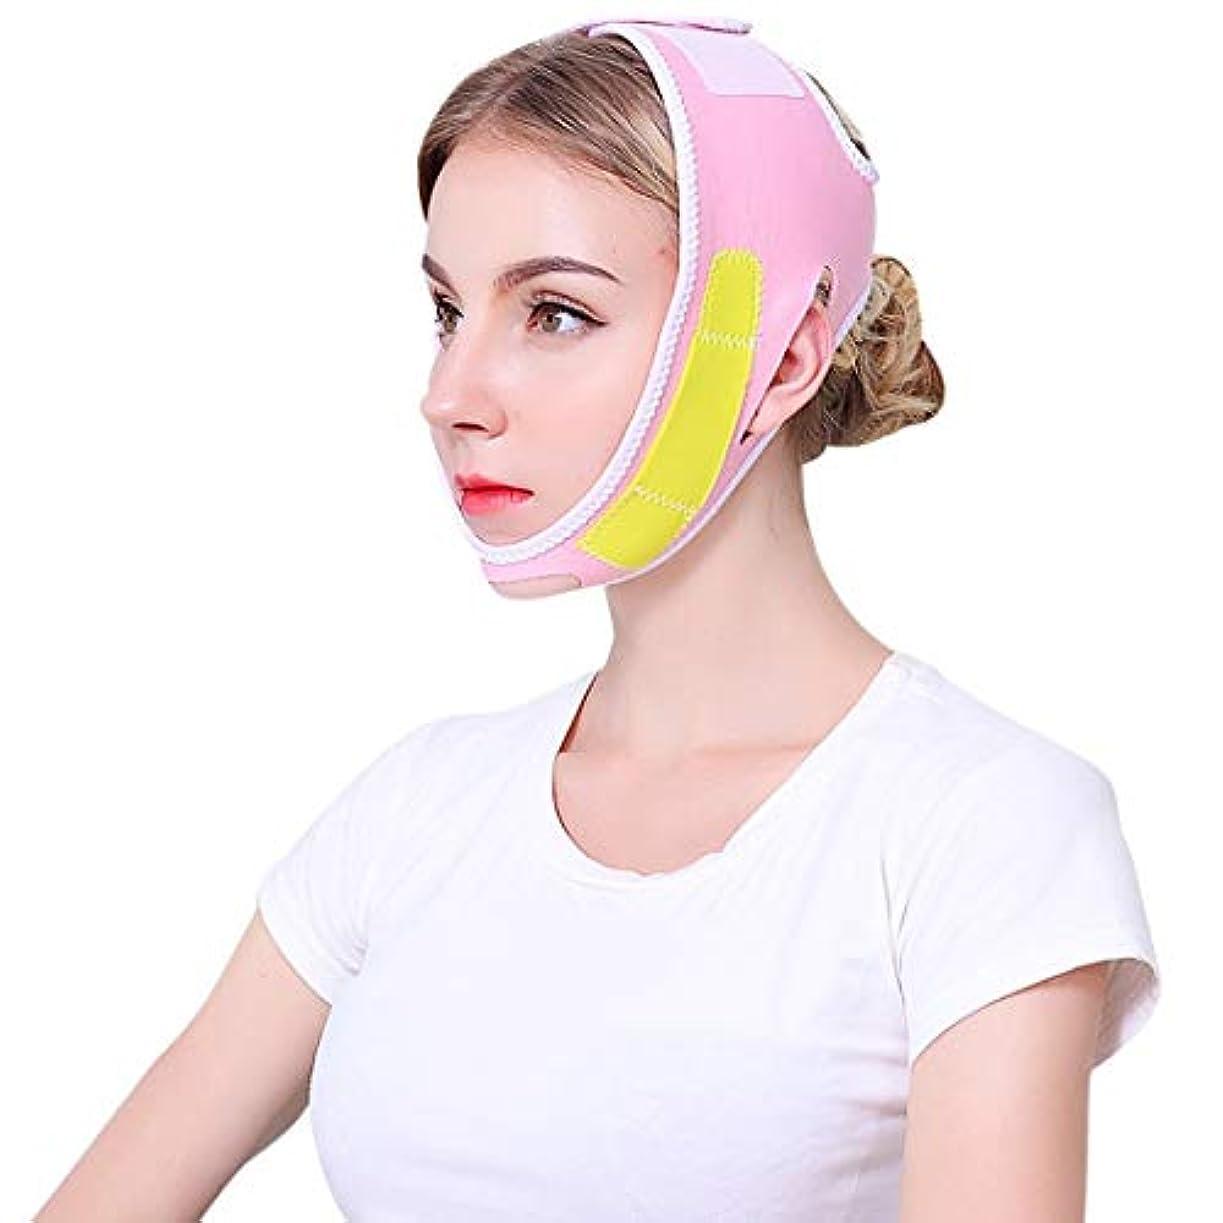 リンク排泄物感動するZWBD フェイスマスク, 薄い顔の包帯睡眠小さいv顔アーティファクトプル型二重あご線術後矯正薄い顔ステッカー